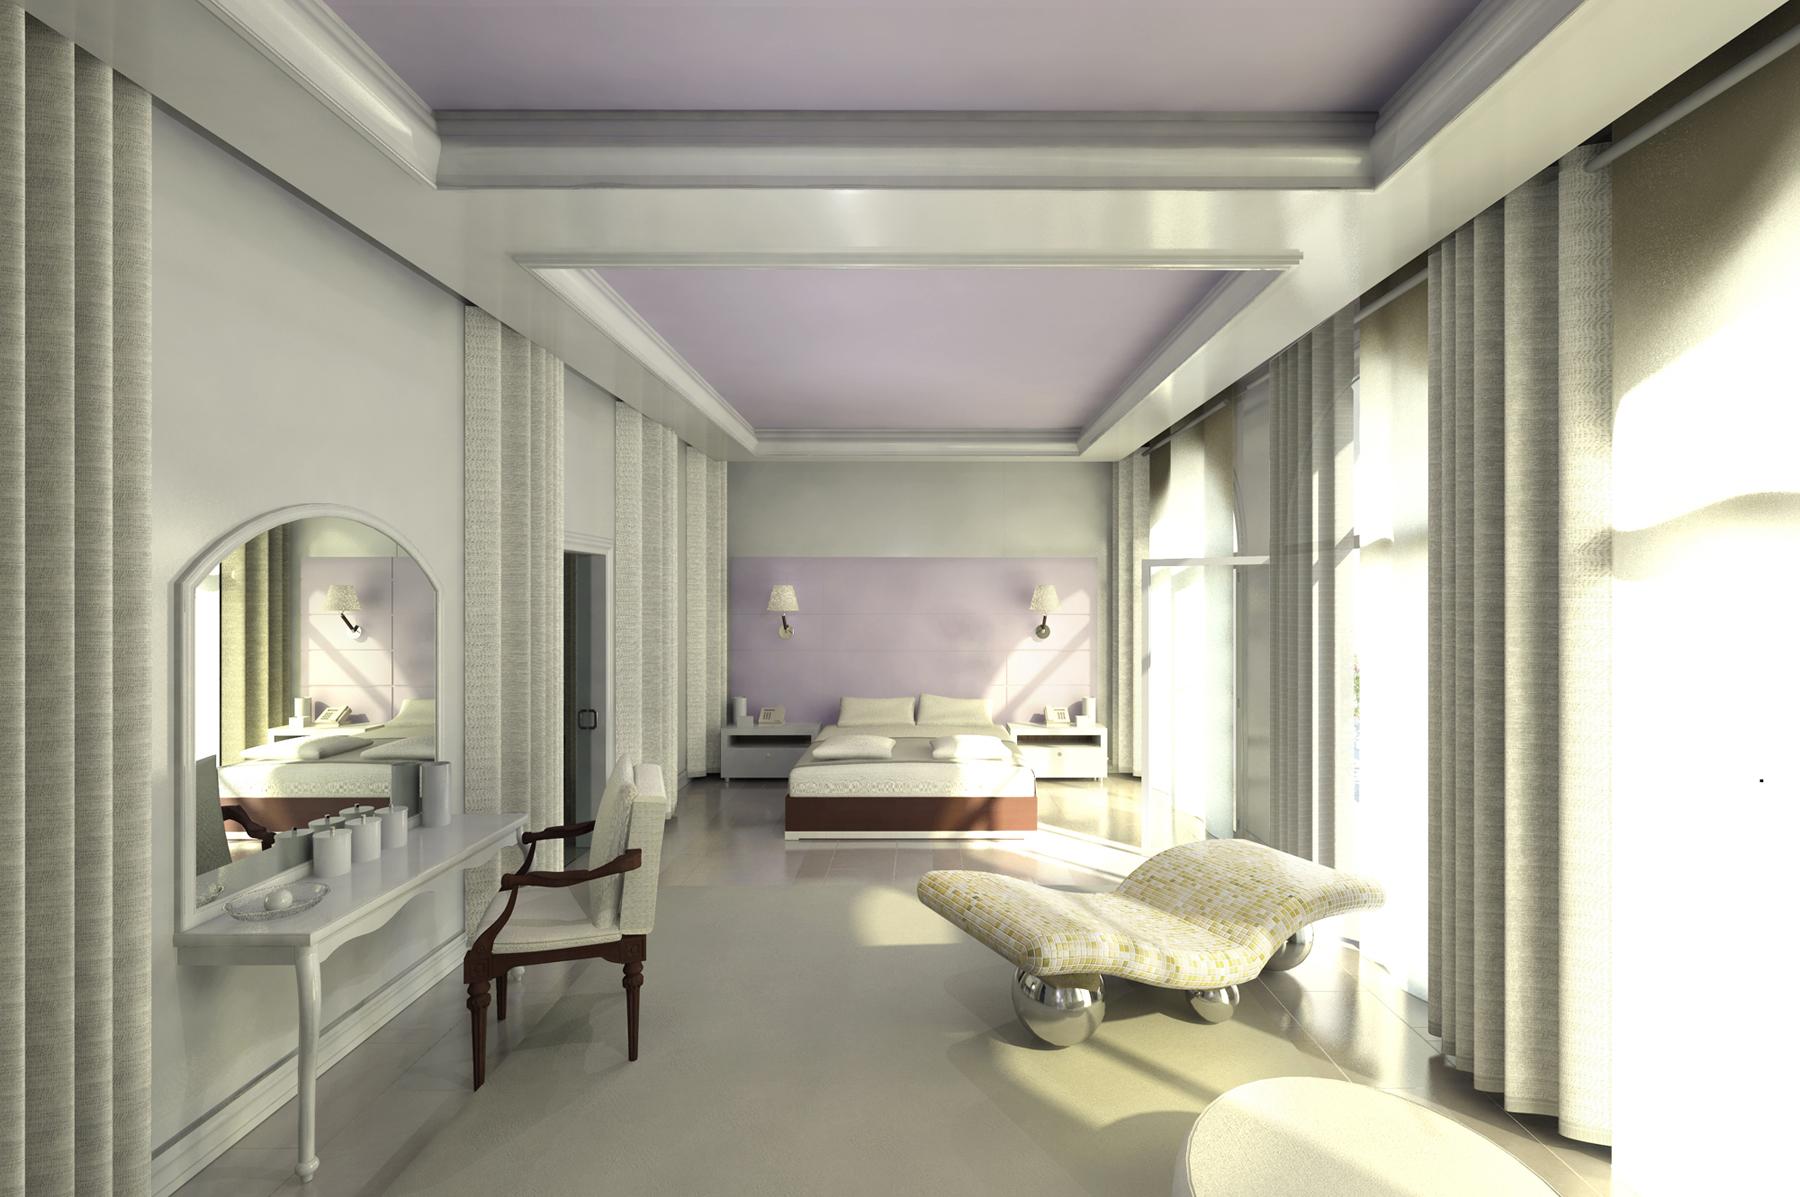 Gontran3d int rieurs for Delannoy architecte